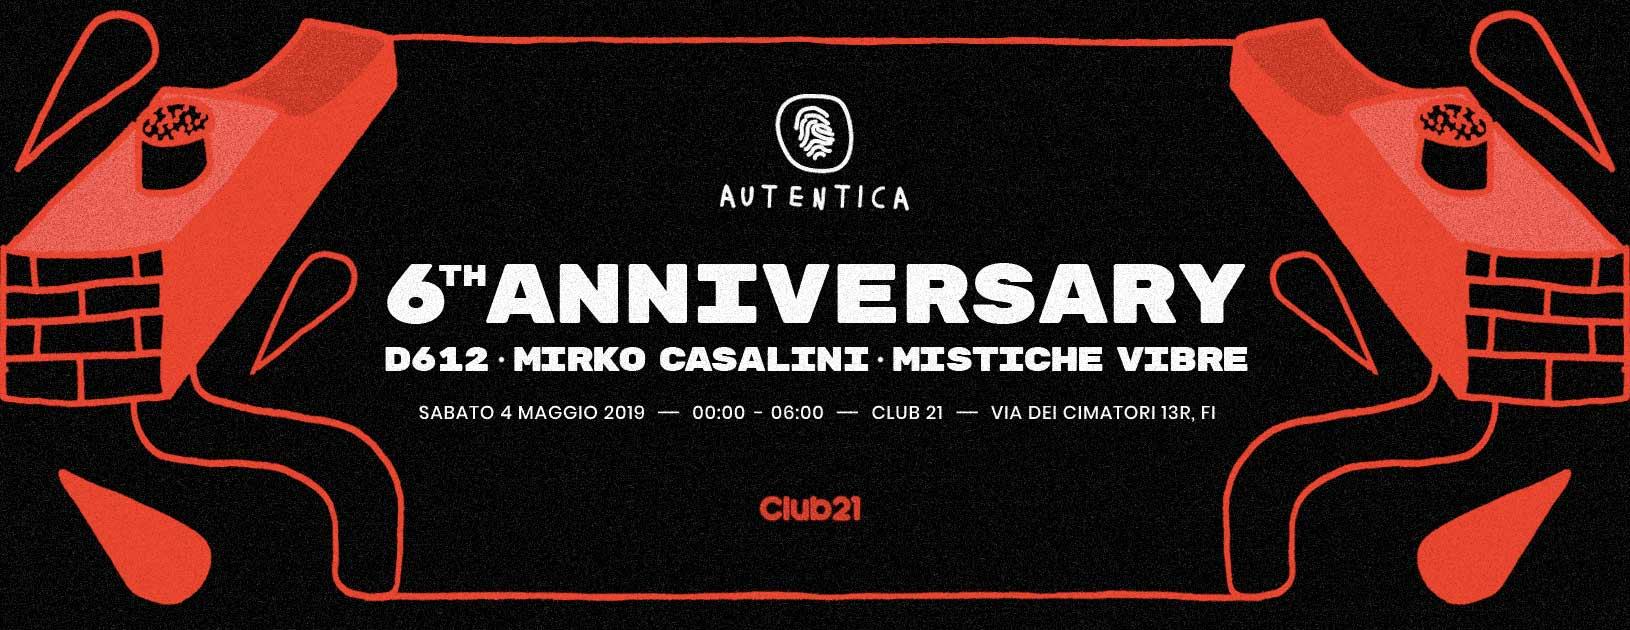 Autentica 6th anniversary - D612・Mirko Casalini・Mistiche Vibre